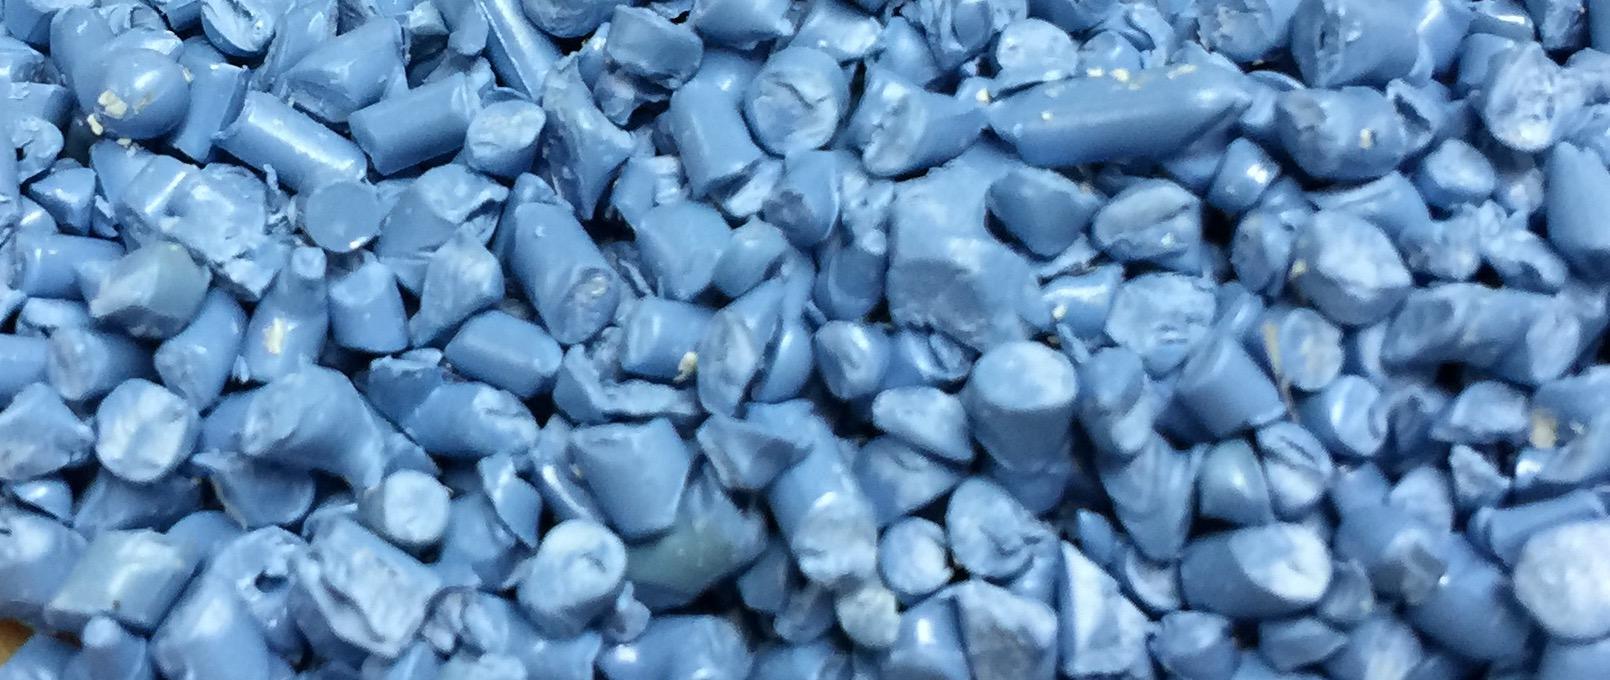 Ammon Kunststoffe - PPSU ex. RADEL R-5000 Mahlgut